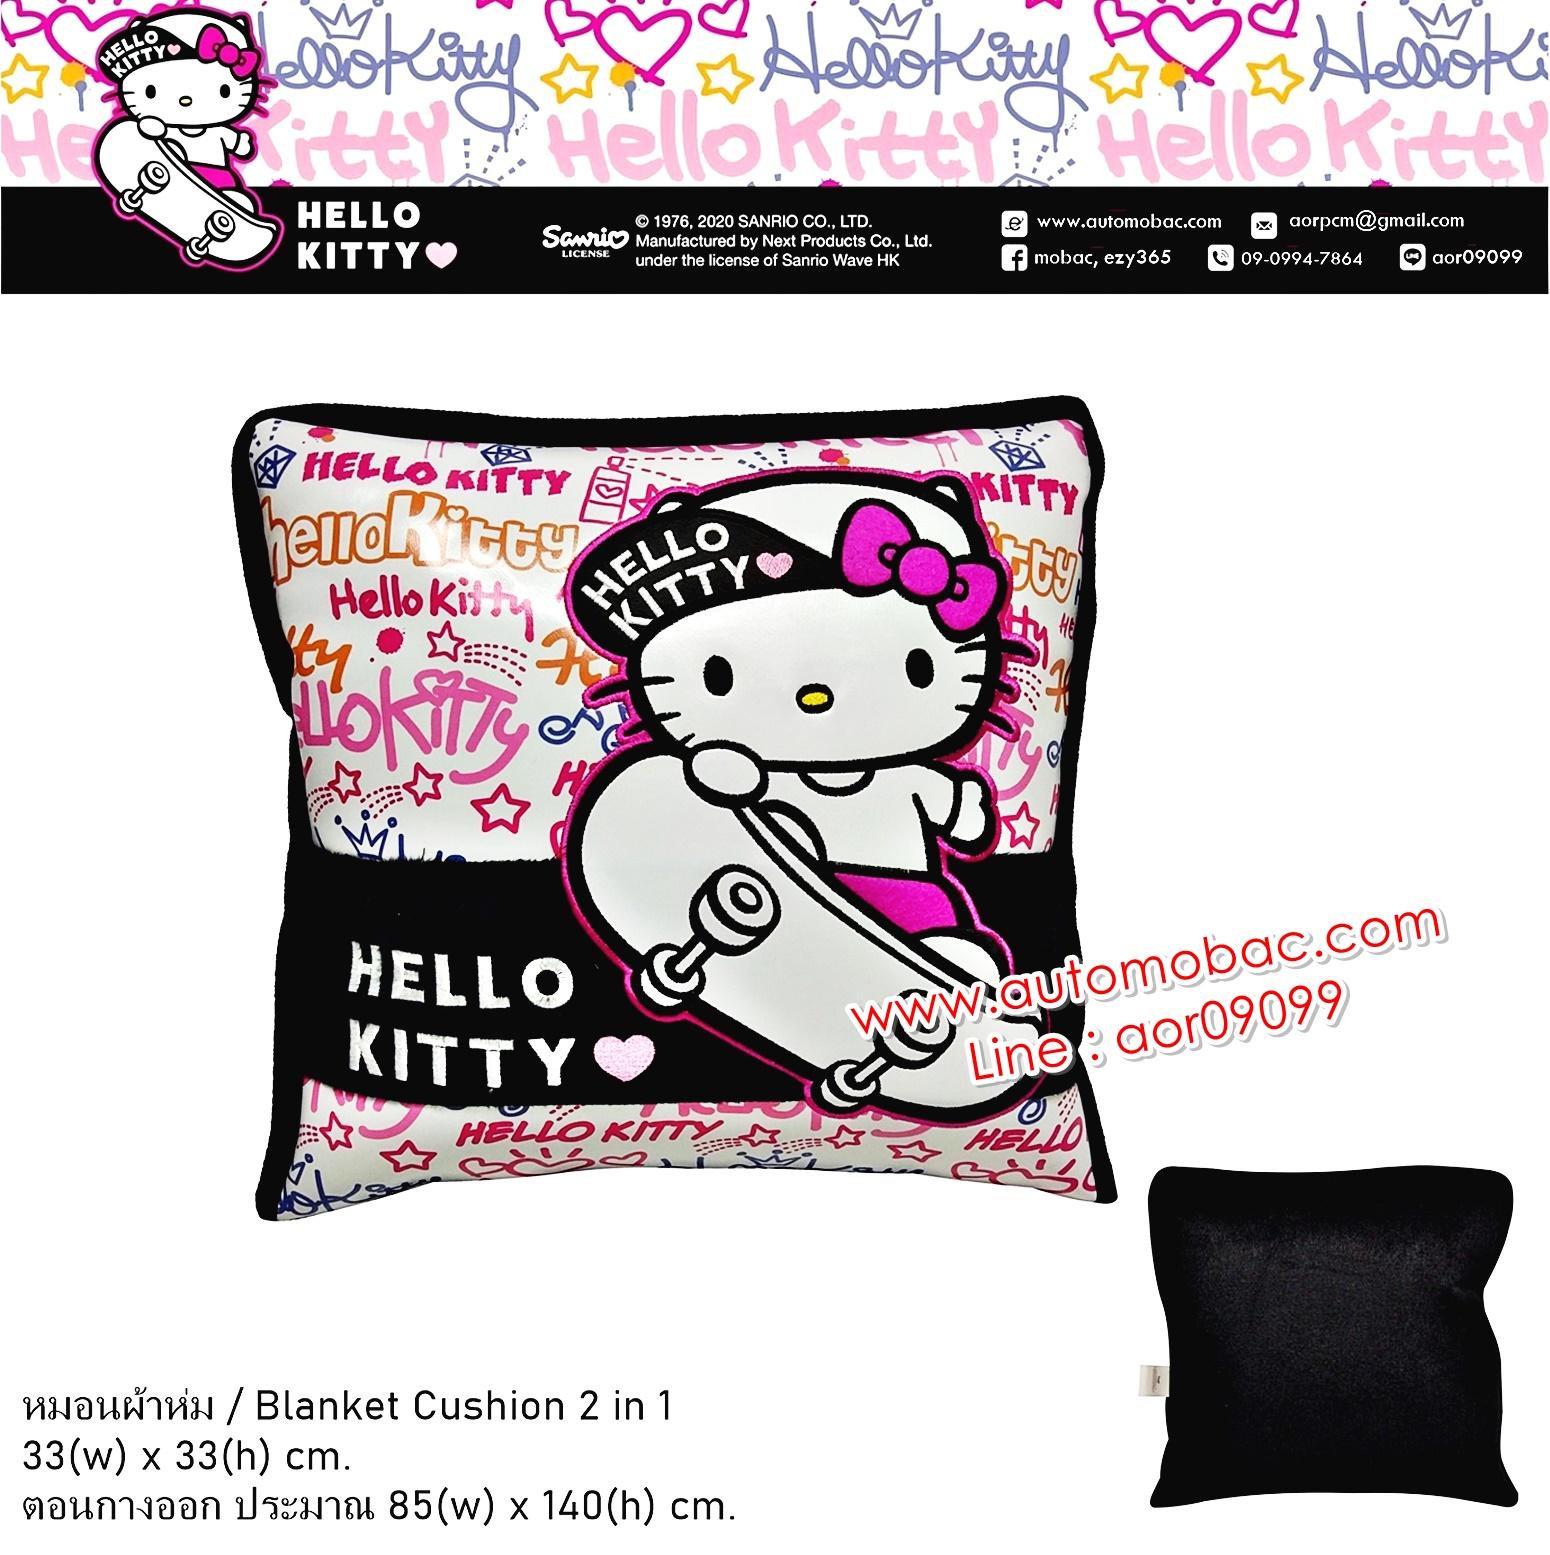 Kitty Street หมอนผ้าห่ม 2 in 1 Blanket Cushion งานผ้าผสมหนัง กางออกเป็นผ้าห่มได้ ใช้ได้ทั้งในบ้าน